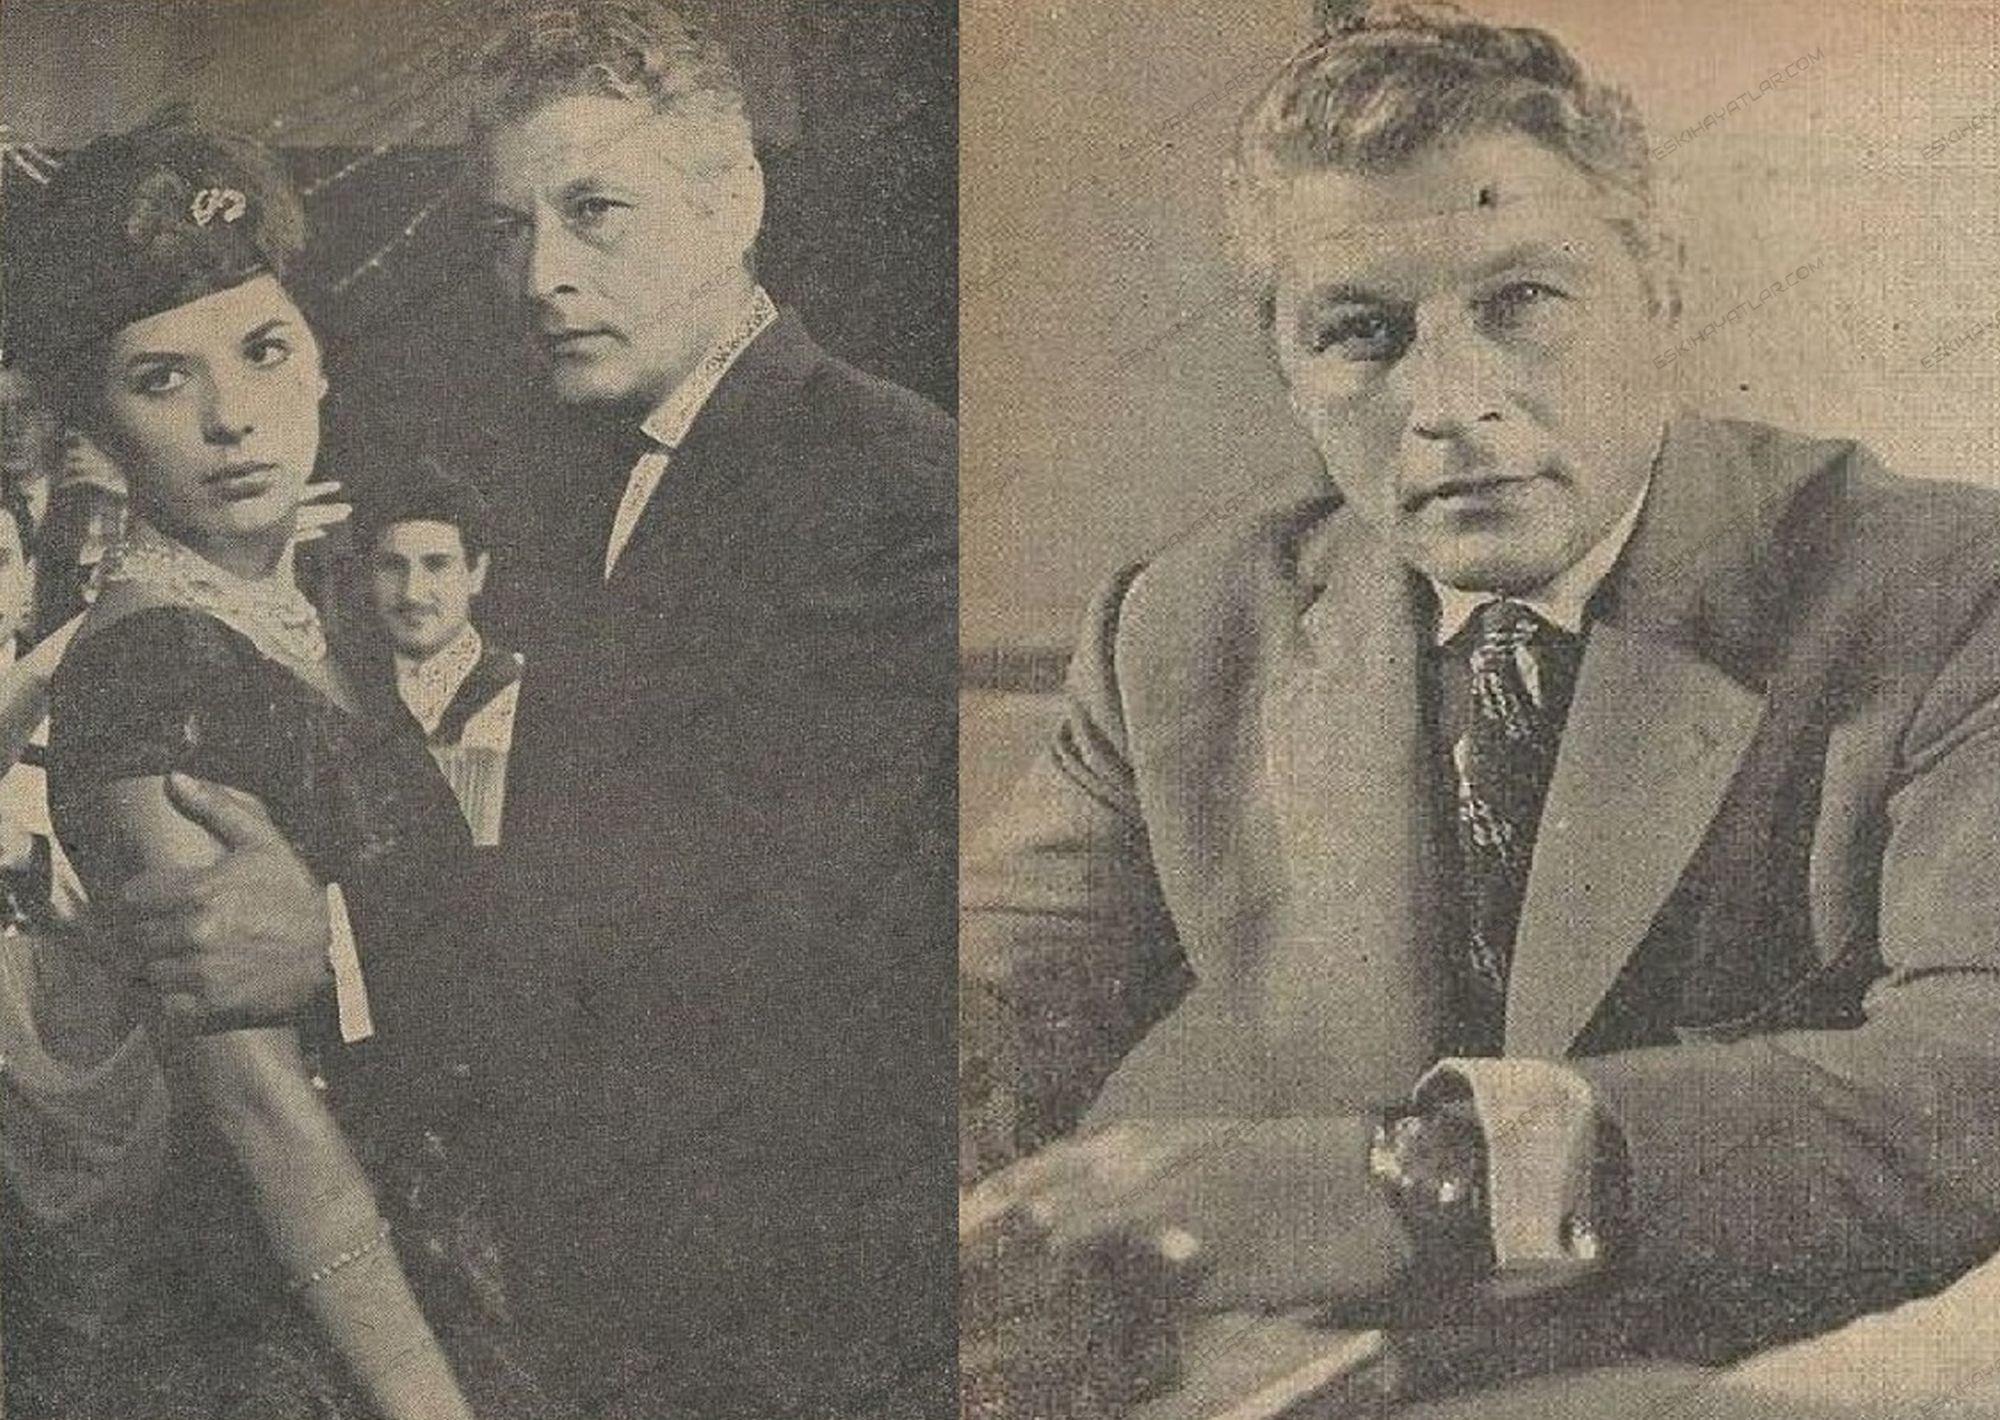 0171-kenan-pars-kimdir-kirkor-cezveciyan-1960-artist-dergisi-turk-sinemasi-jonleri (3)